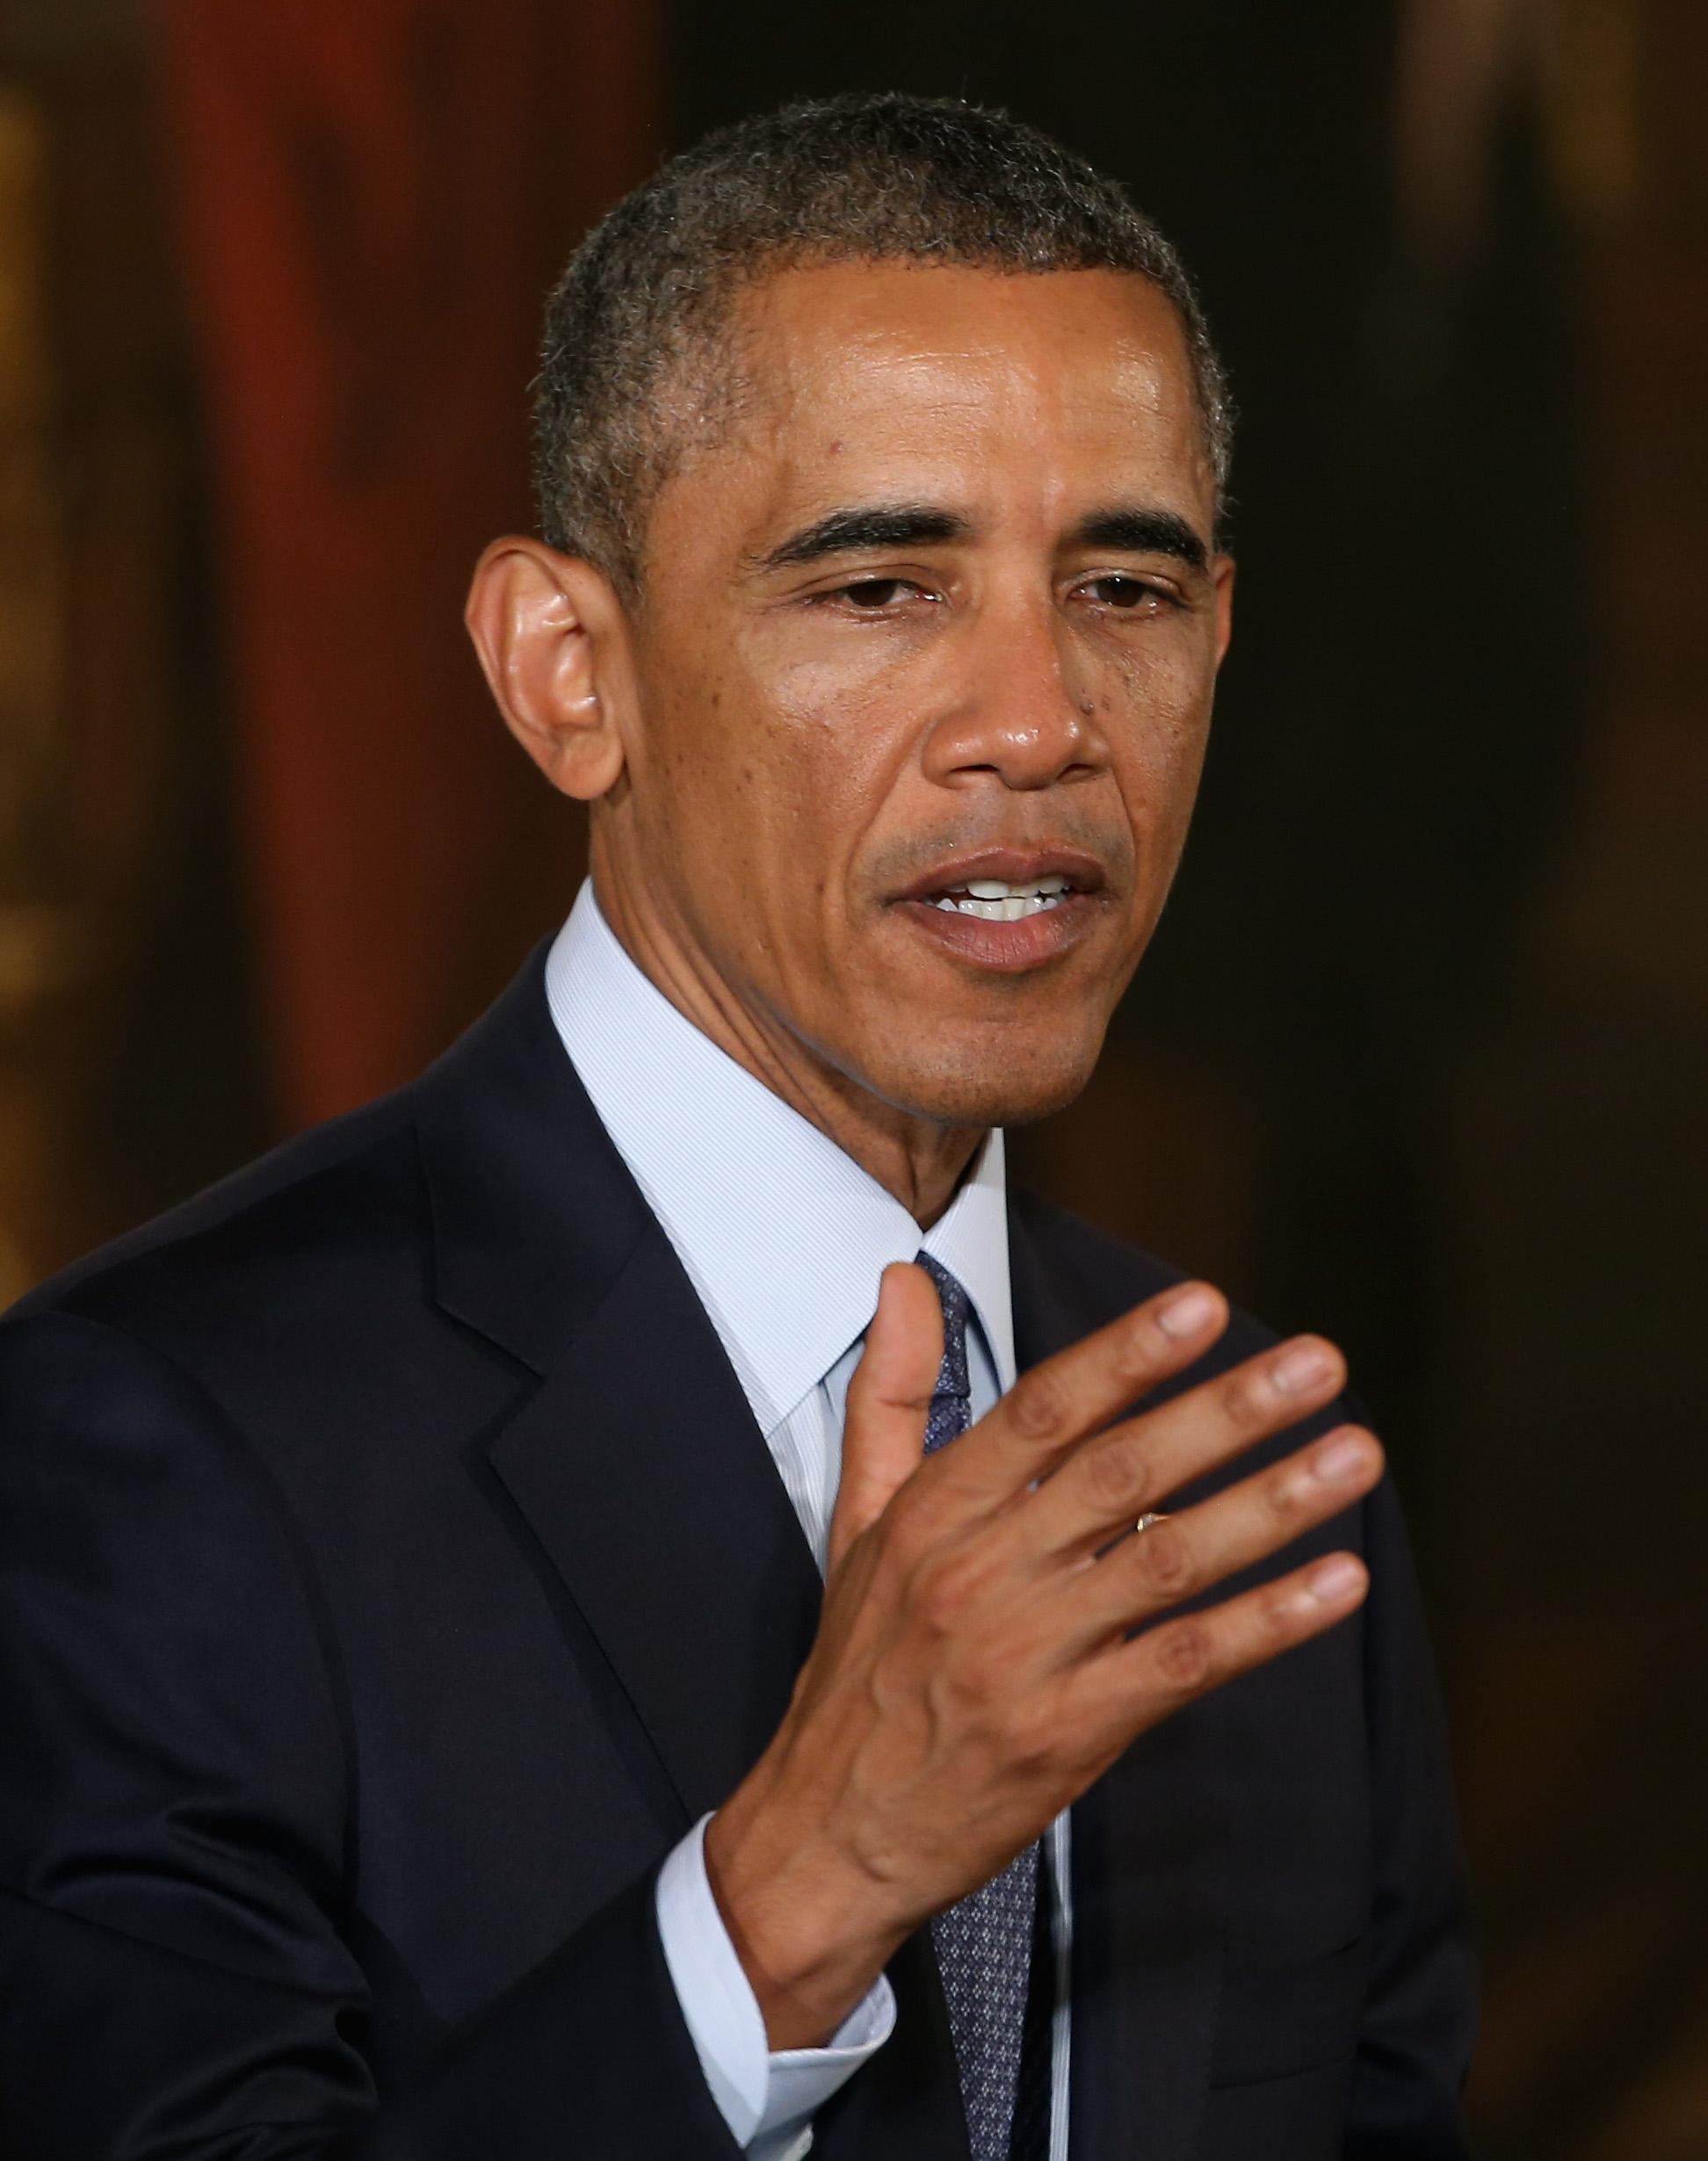 Ако не сте представител на негроидната раса, би било необичайно да се родите с нубийски нос като този на Барак Обама или Бийонсе, например.